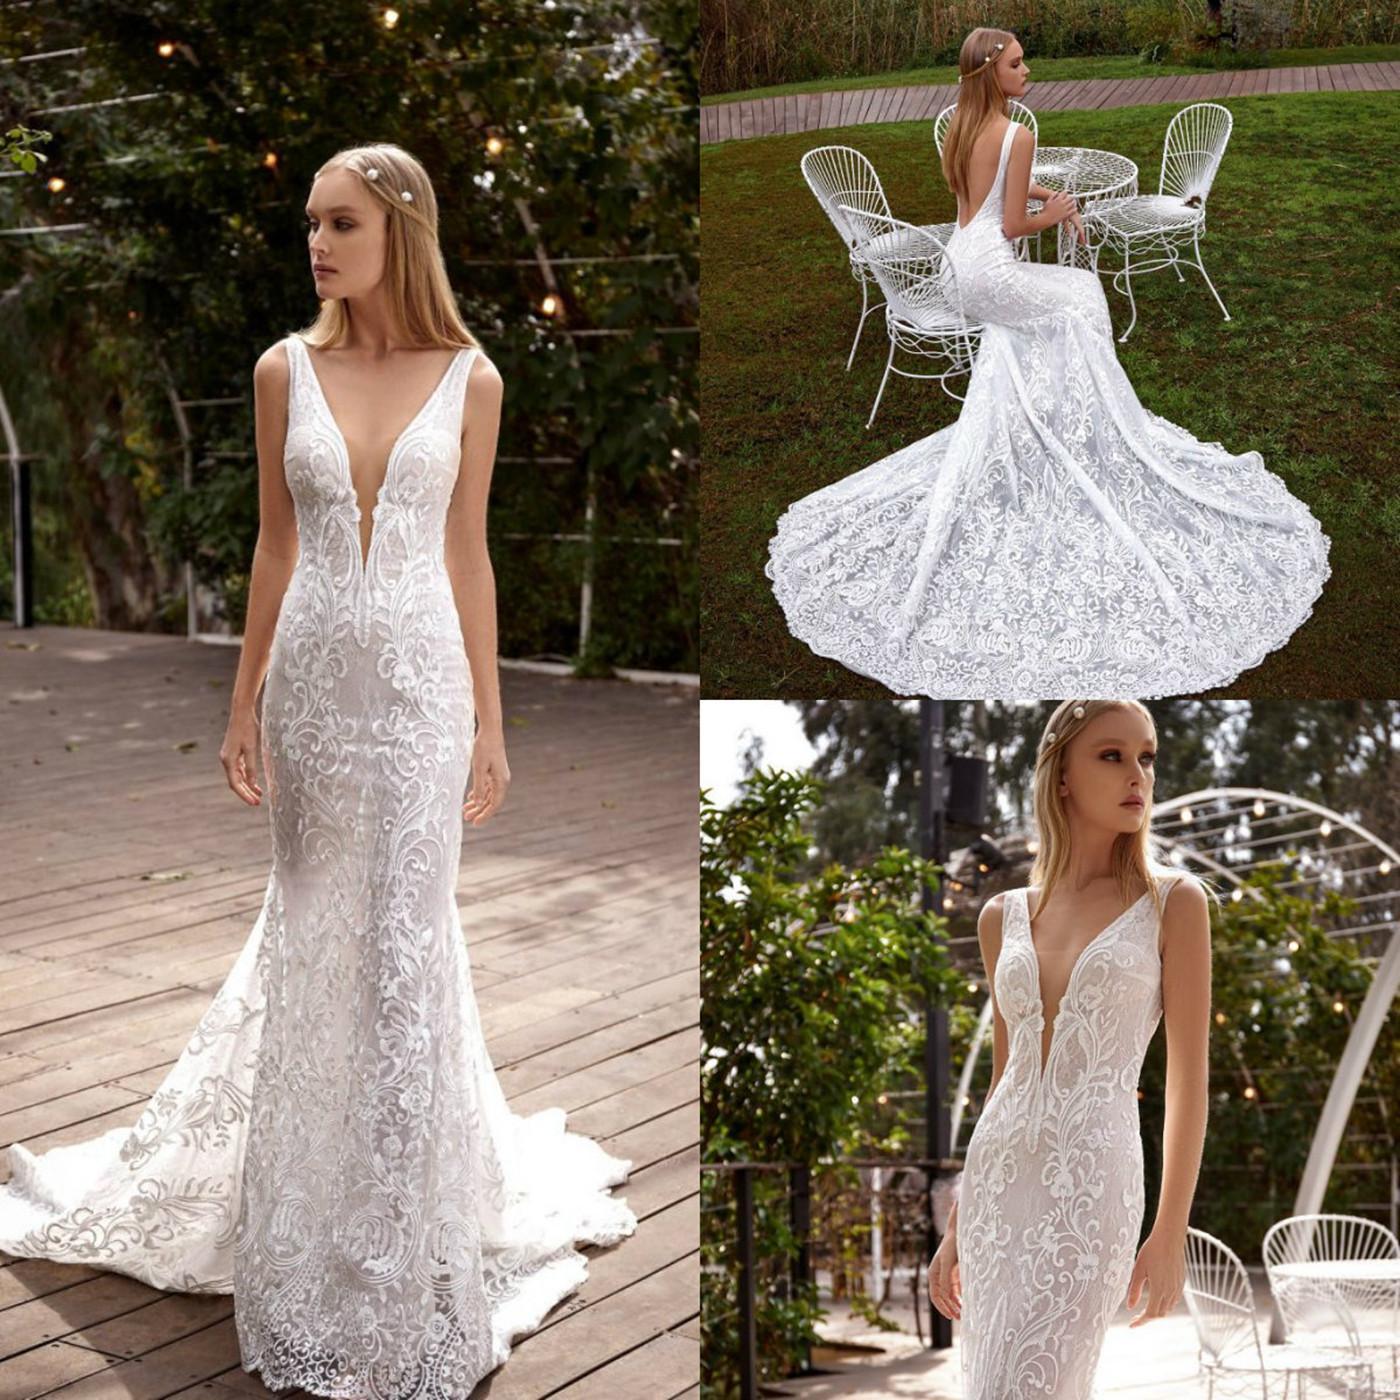 Julie Vino Русалка свадебные платья V-образные кружевные аппликации бисеров свадебные платья 2020